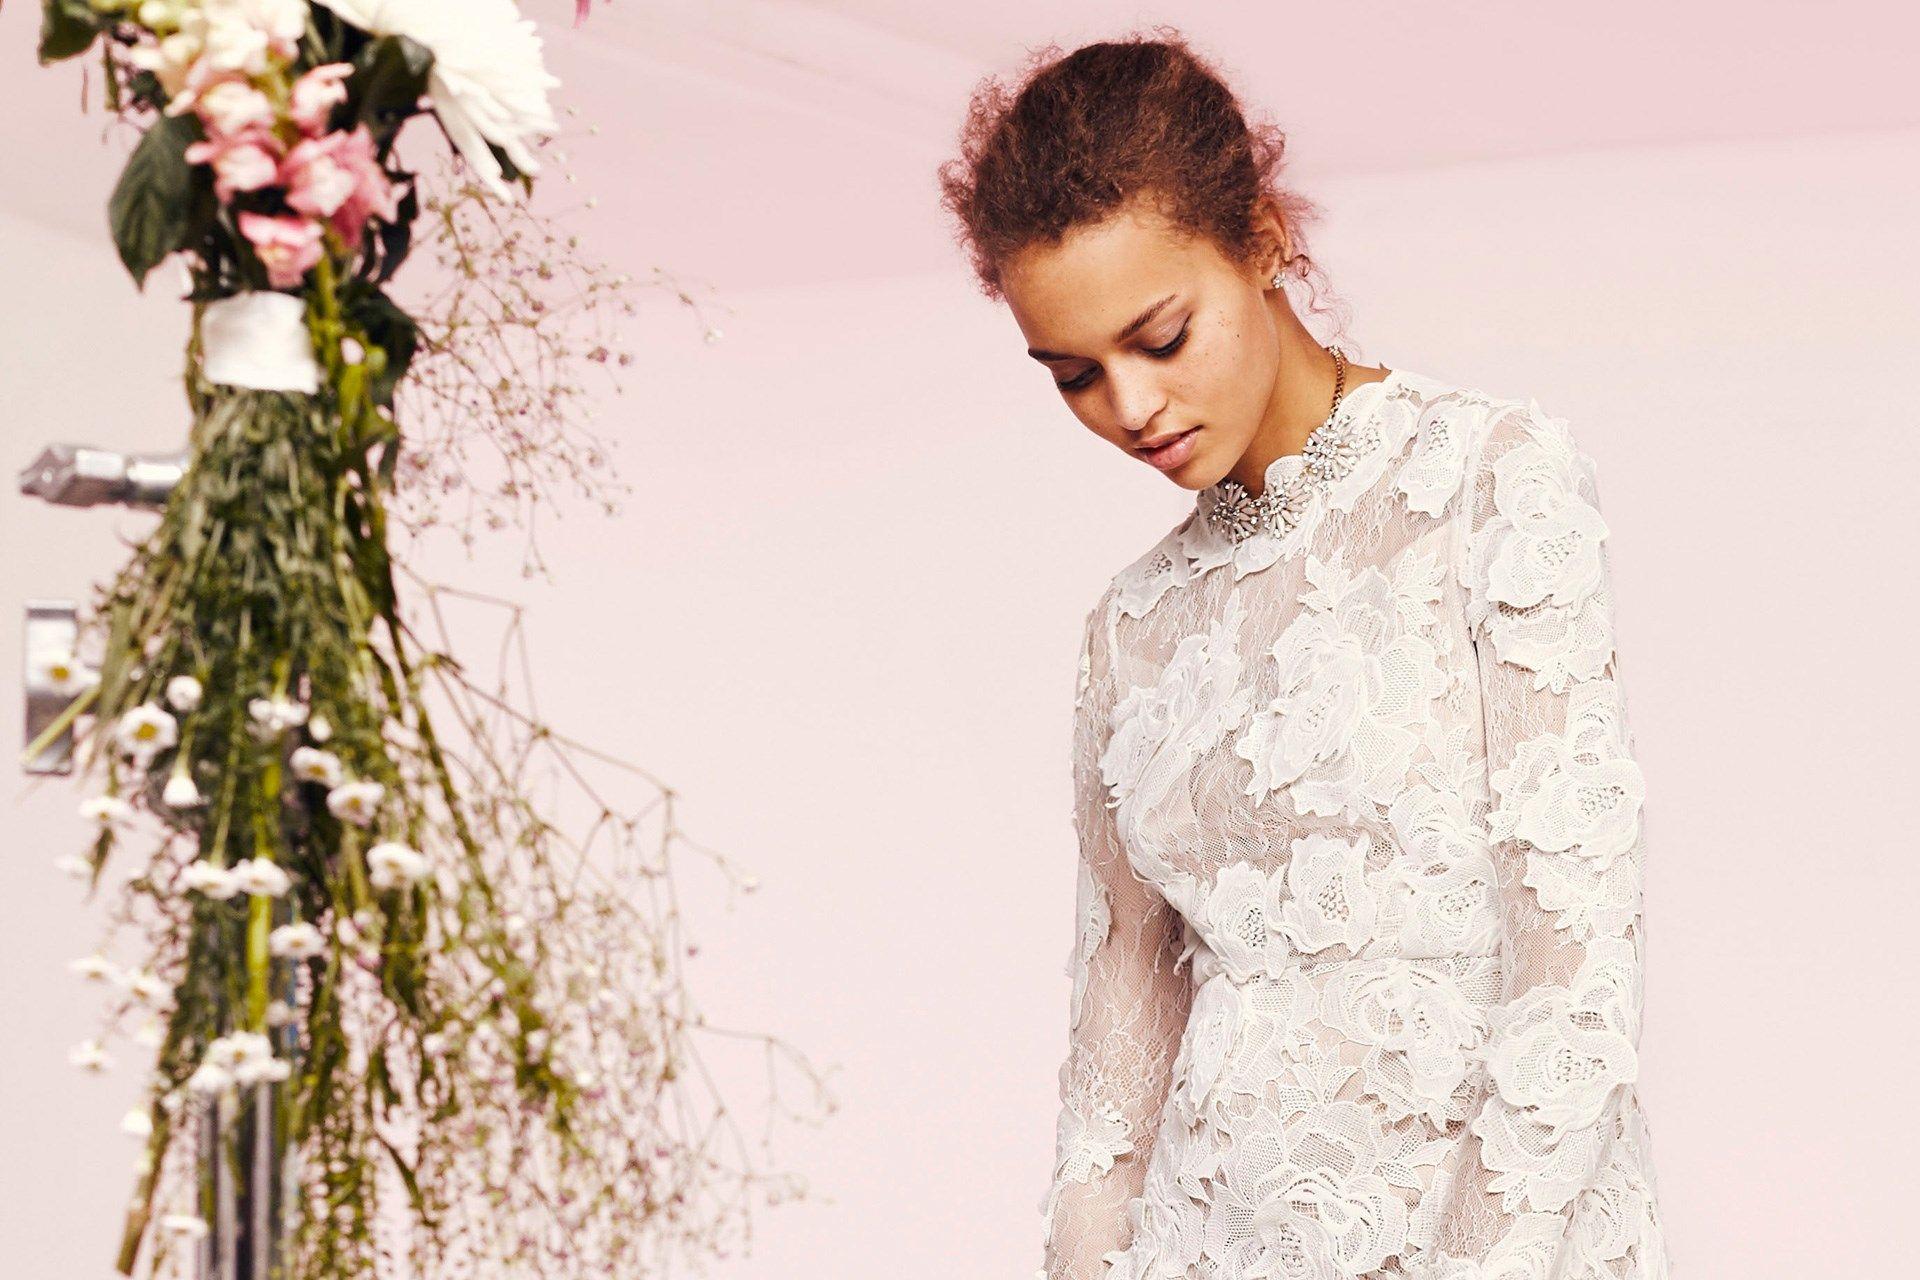 ASOS Bridal  arriva la prima collezione da sposa low cost  598d5cddd96